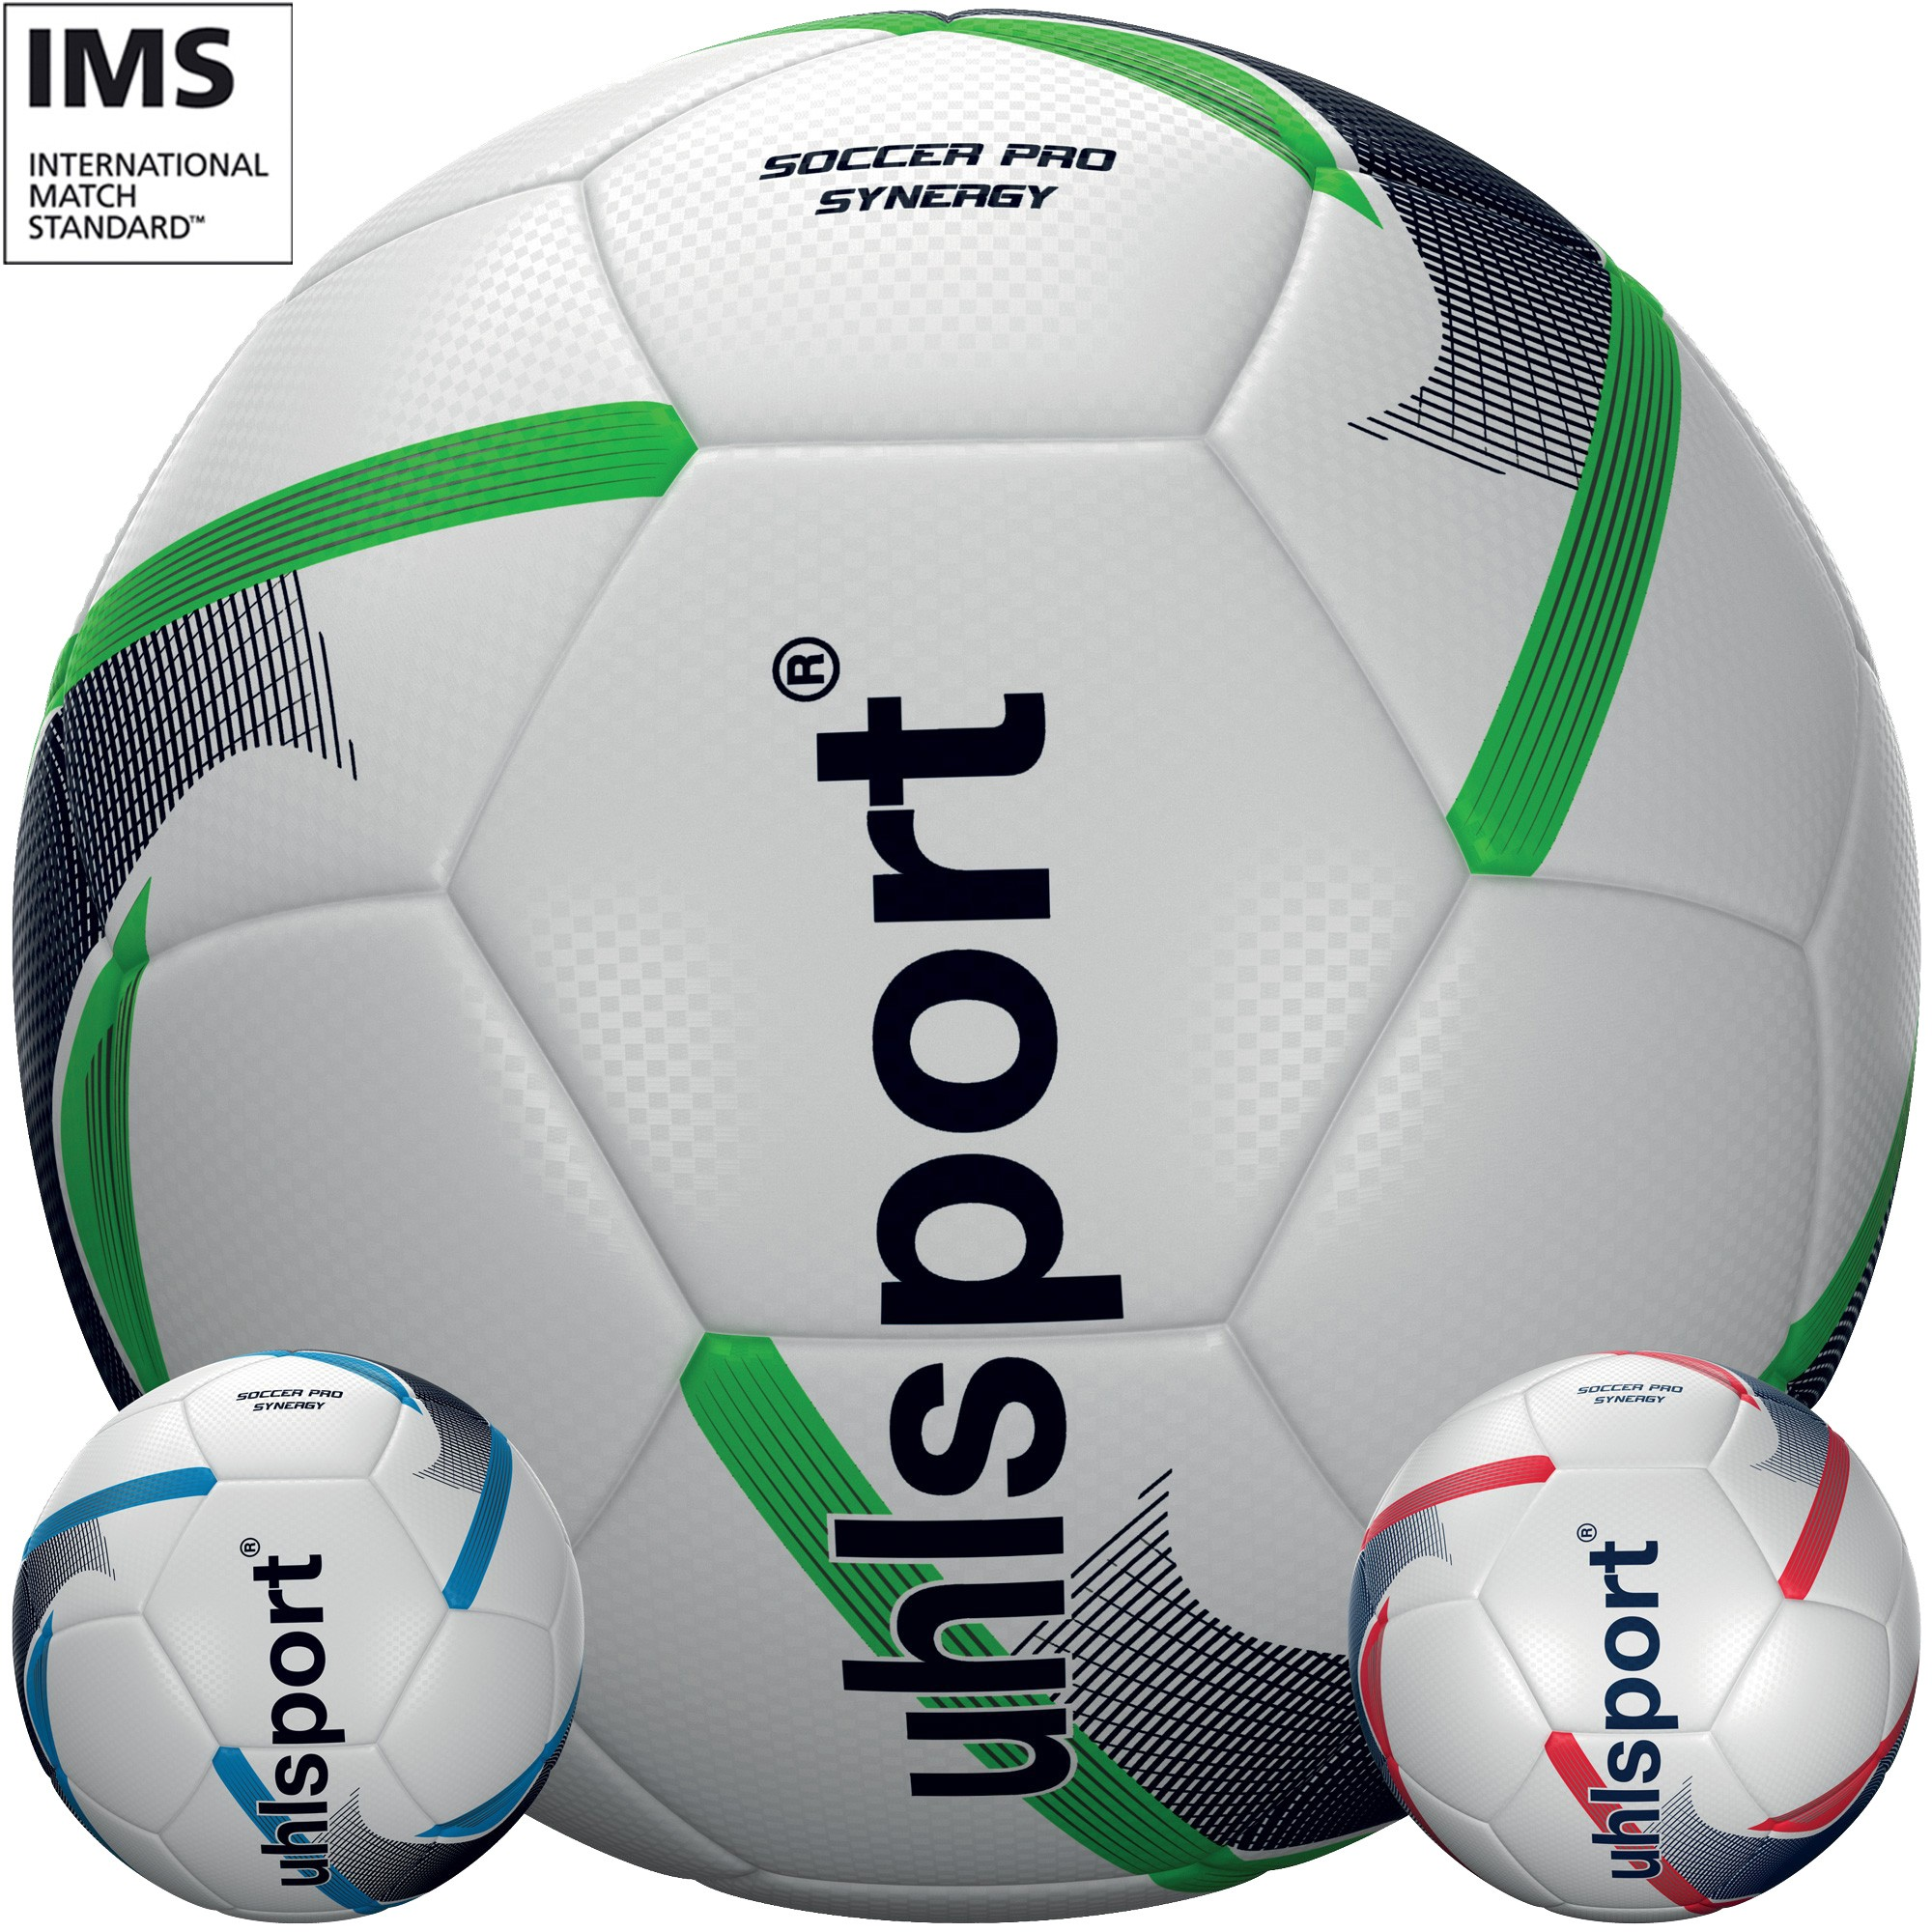 Ballon Synergy Pro Soccer